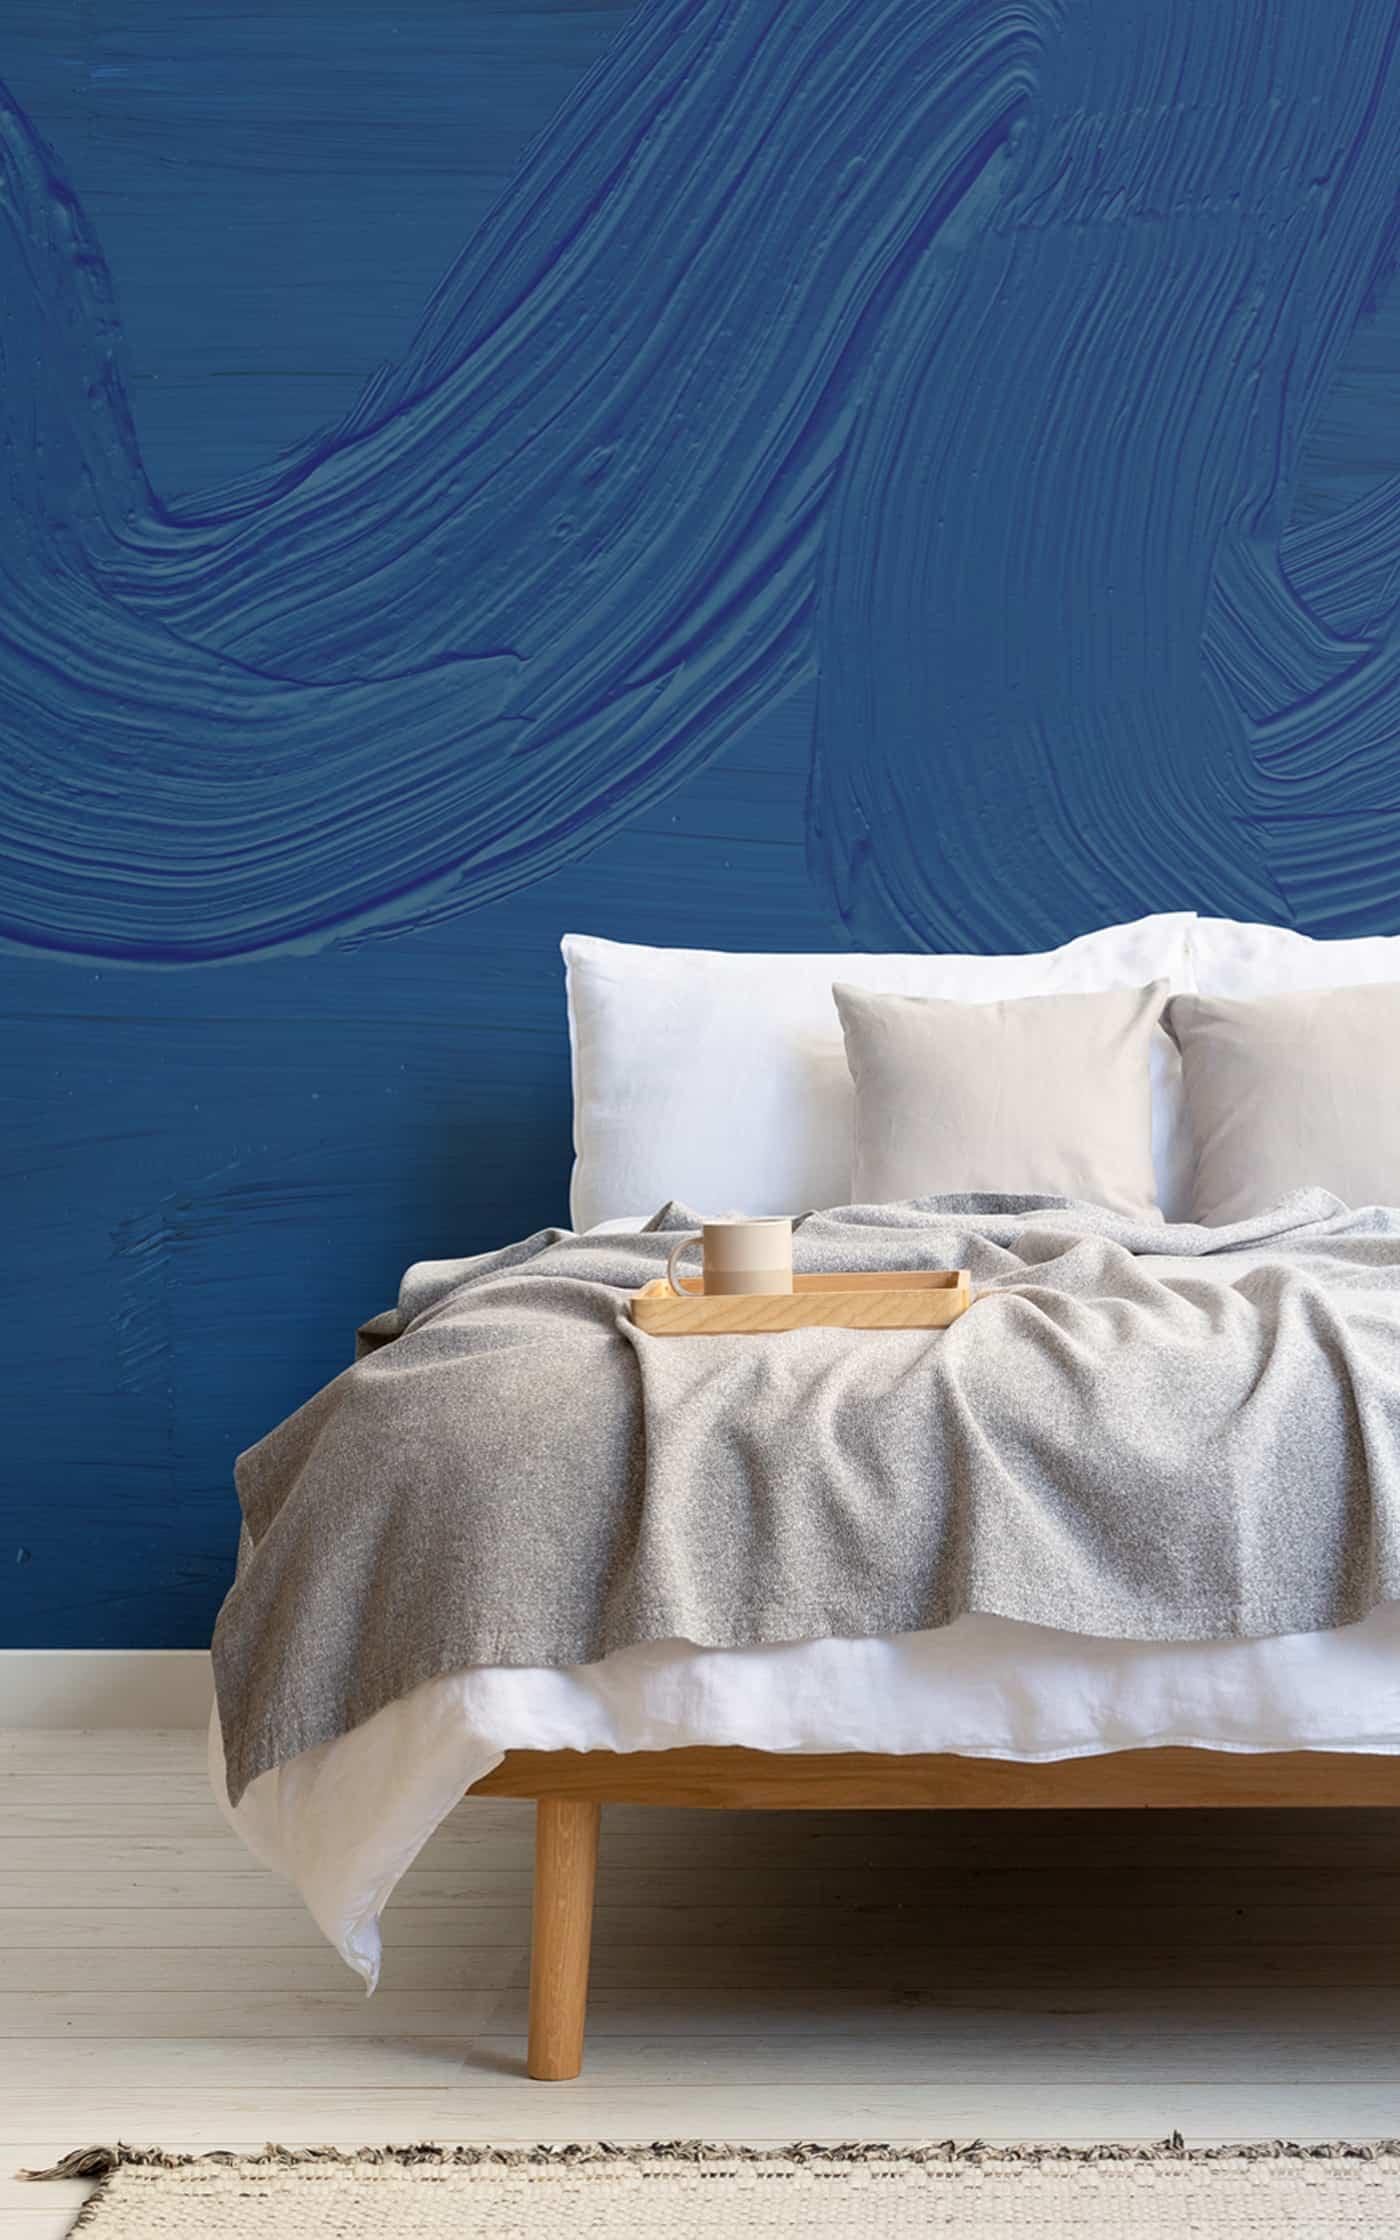 Dusk Classic Blue mural Lifestyle Portrait